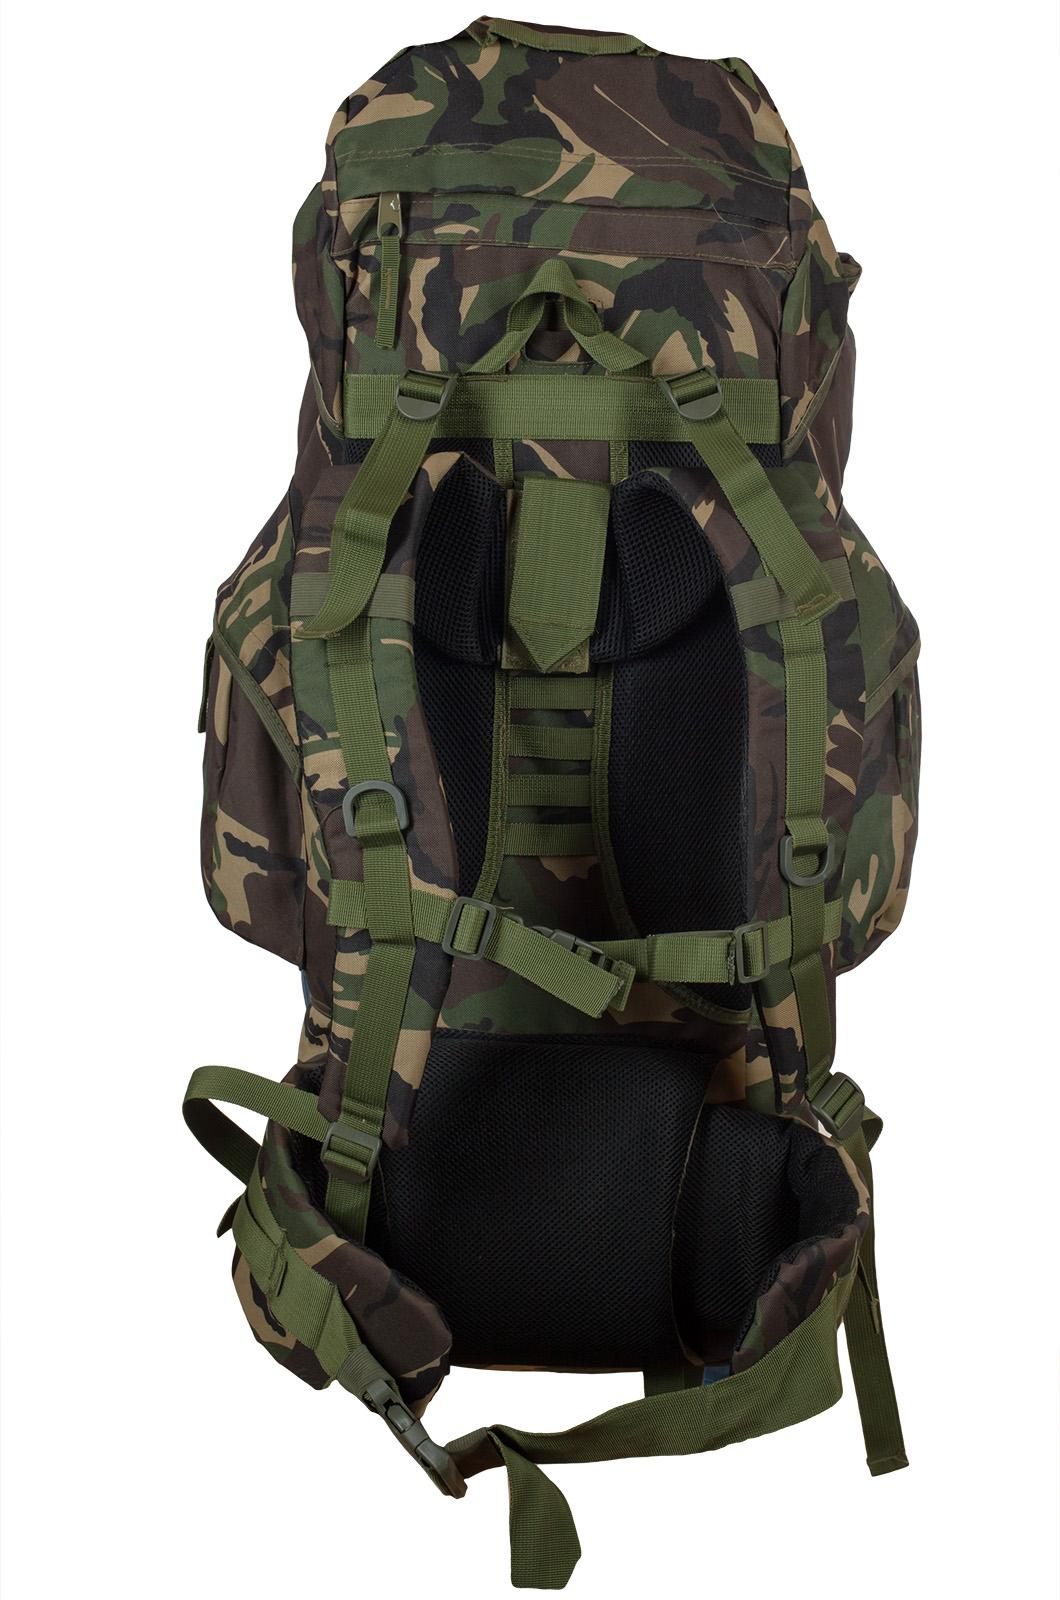 Большой тактический рюкзак с нашивкой Охотничий спецназ купить онлайн